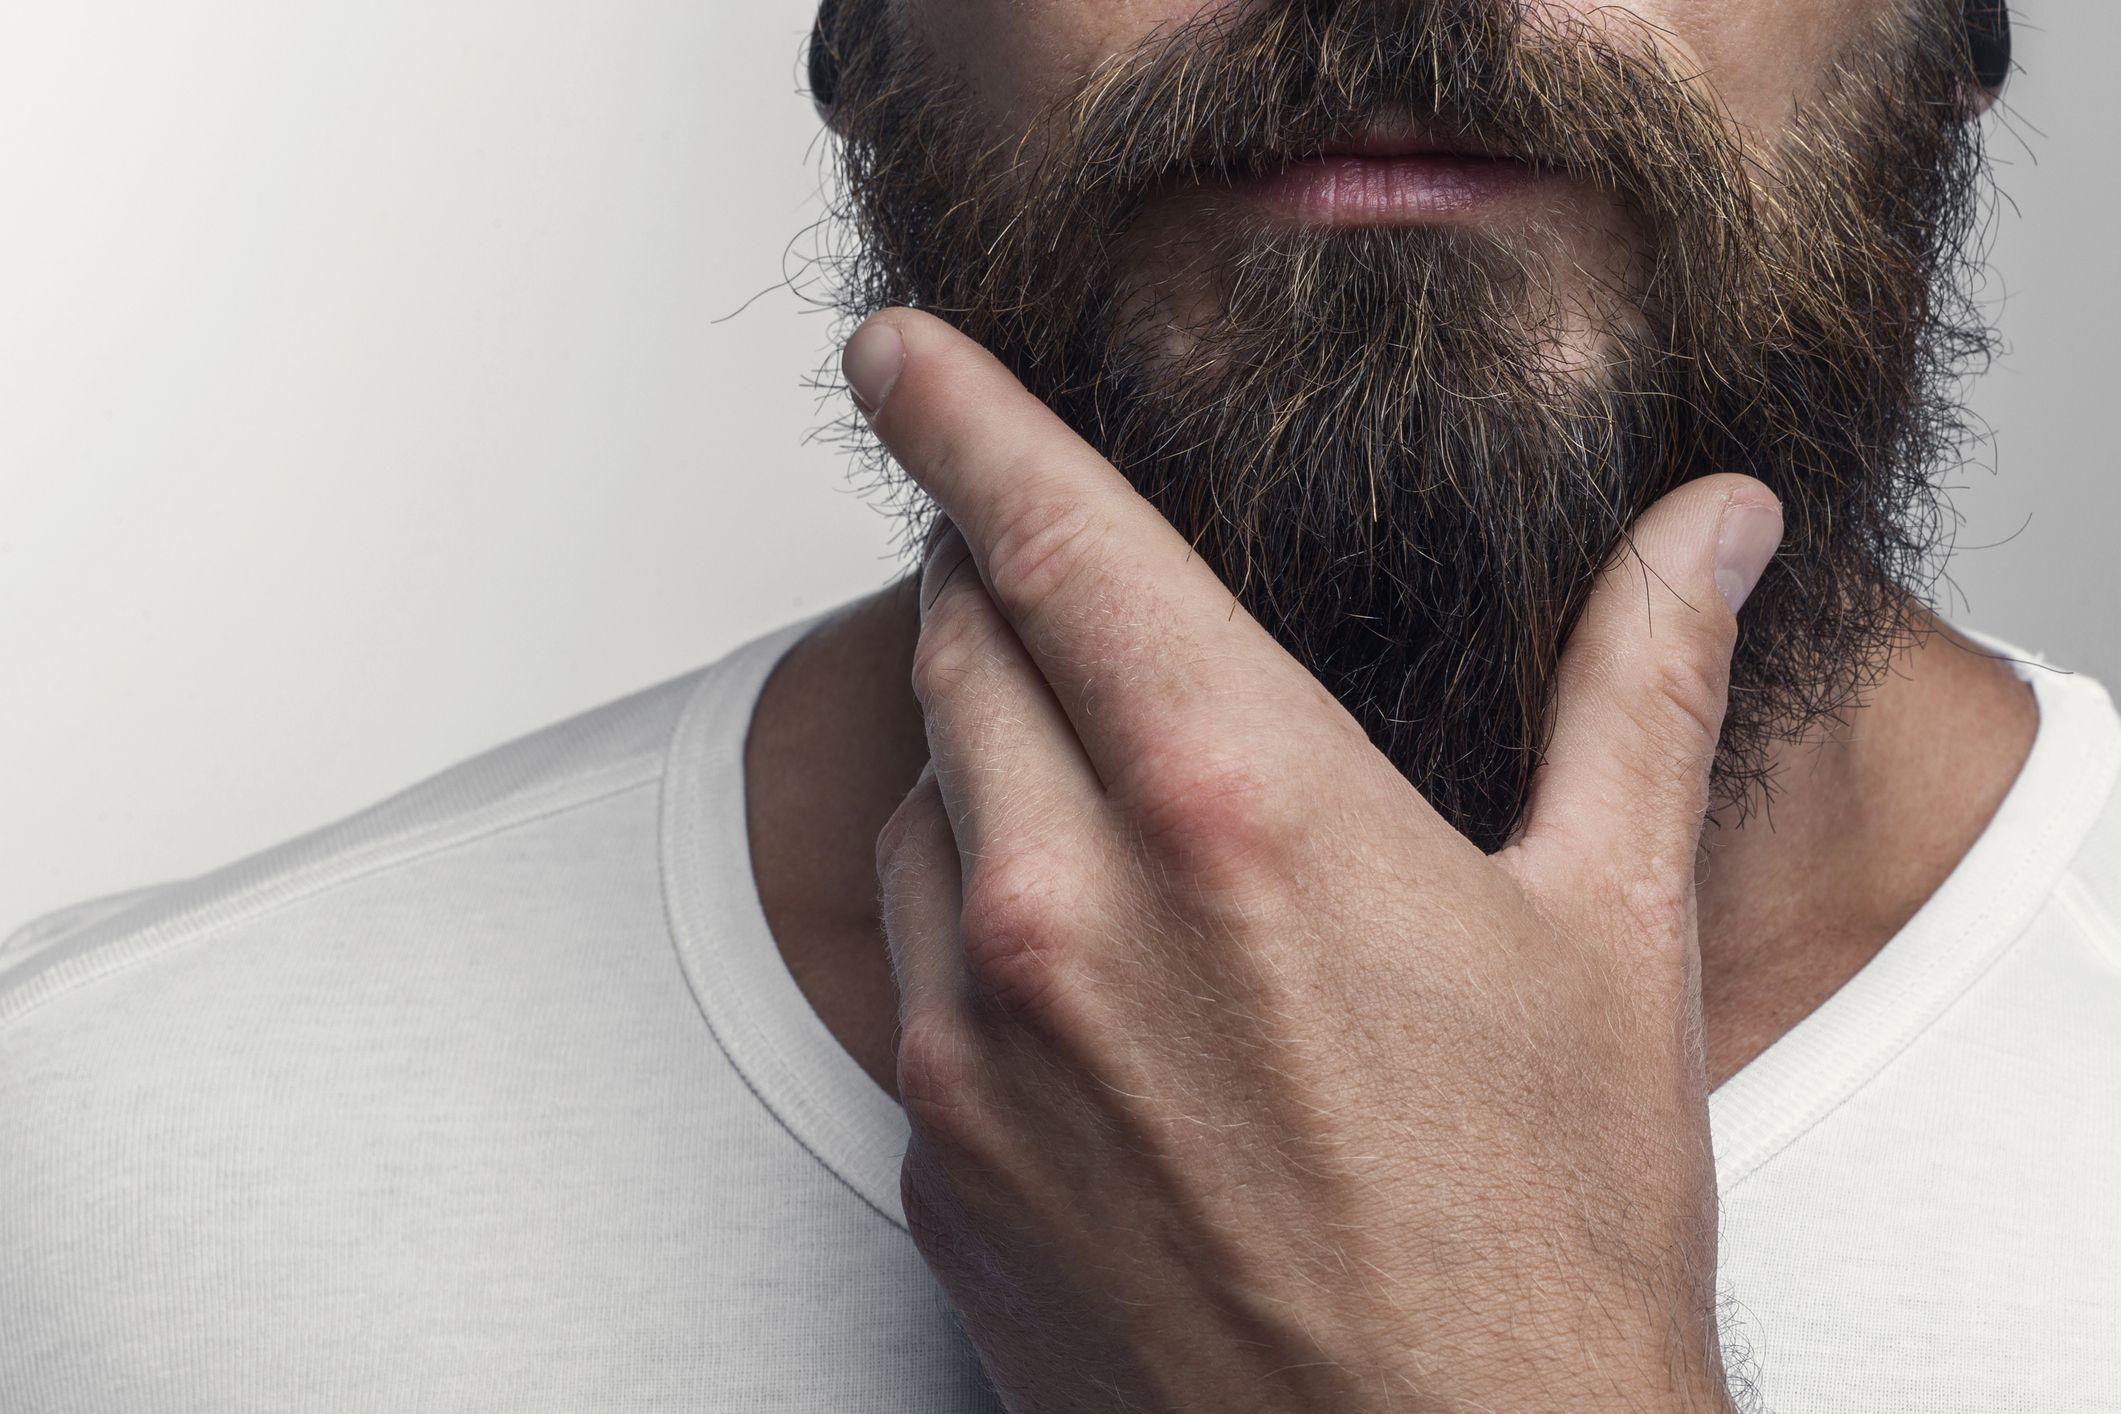 طرق مجربة وسهلة لتكثيف شعر الذقن | سيدي | افضل موقع للرجل العربي